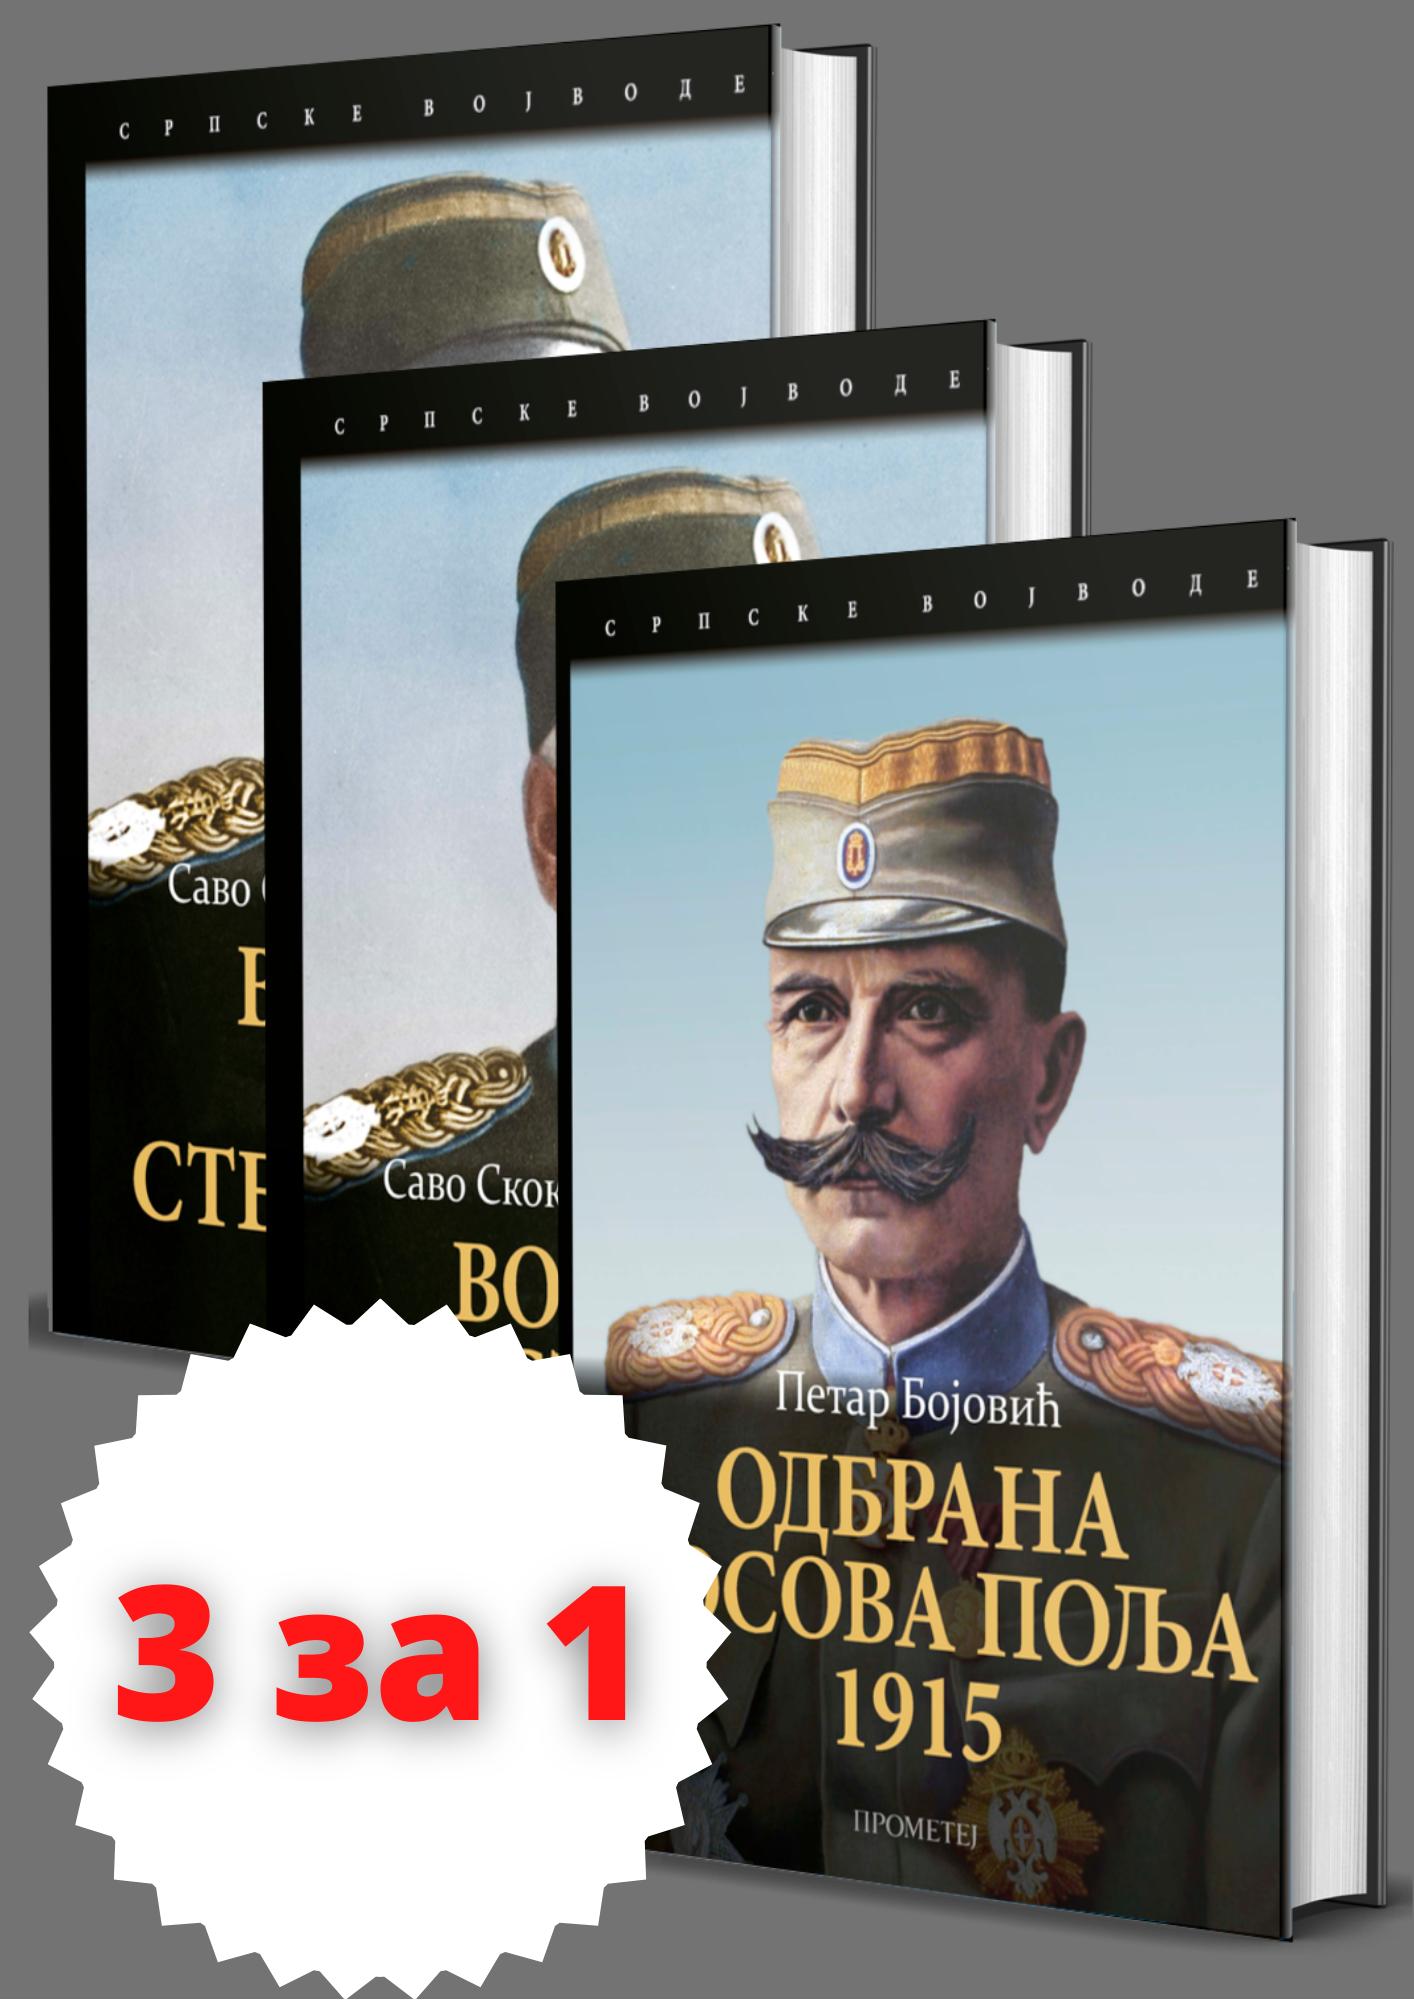 Три књиге о српским војводама по цени једне